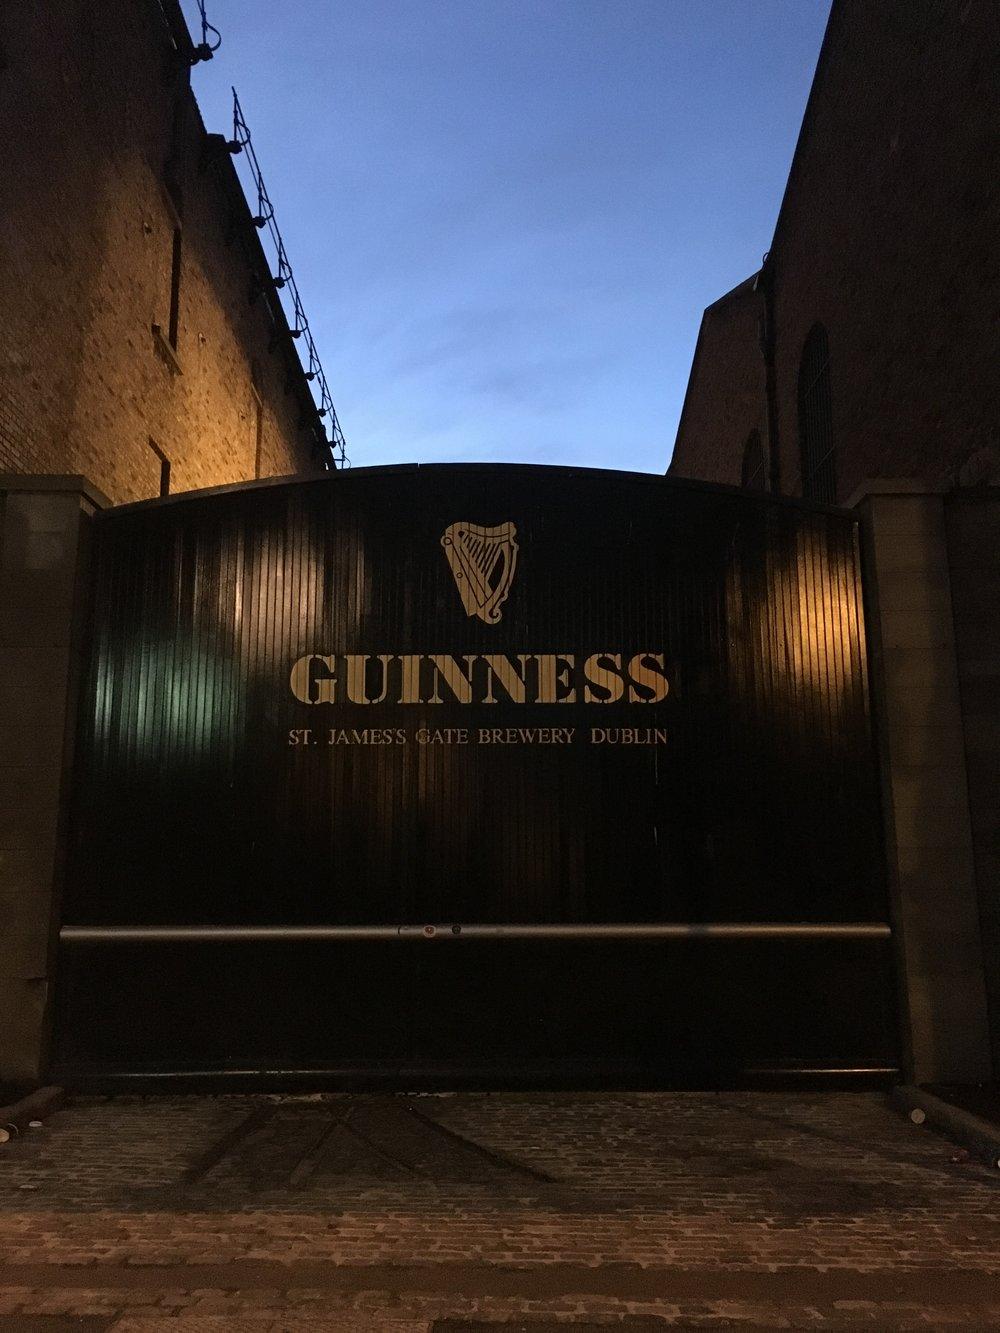 guinness; bri rinehart; dublin; ireland